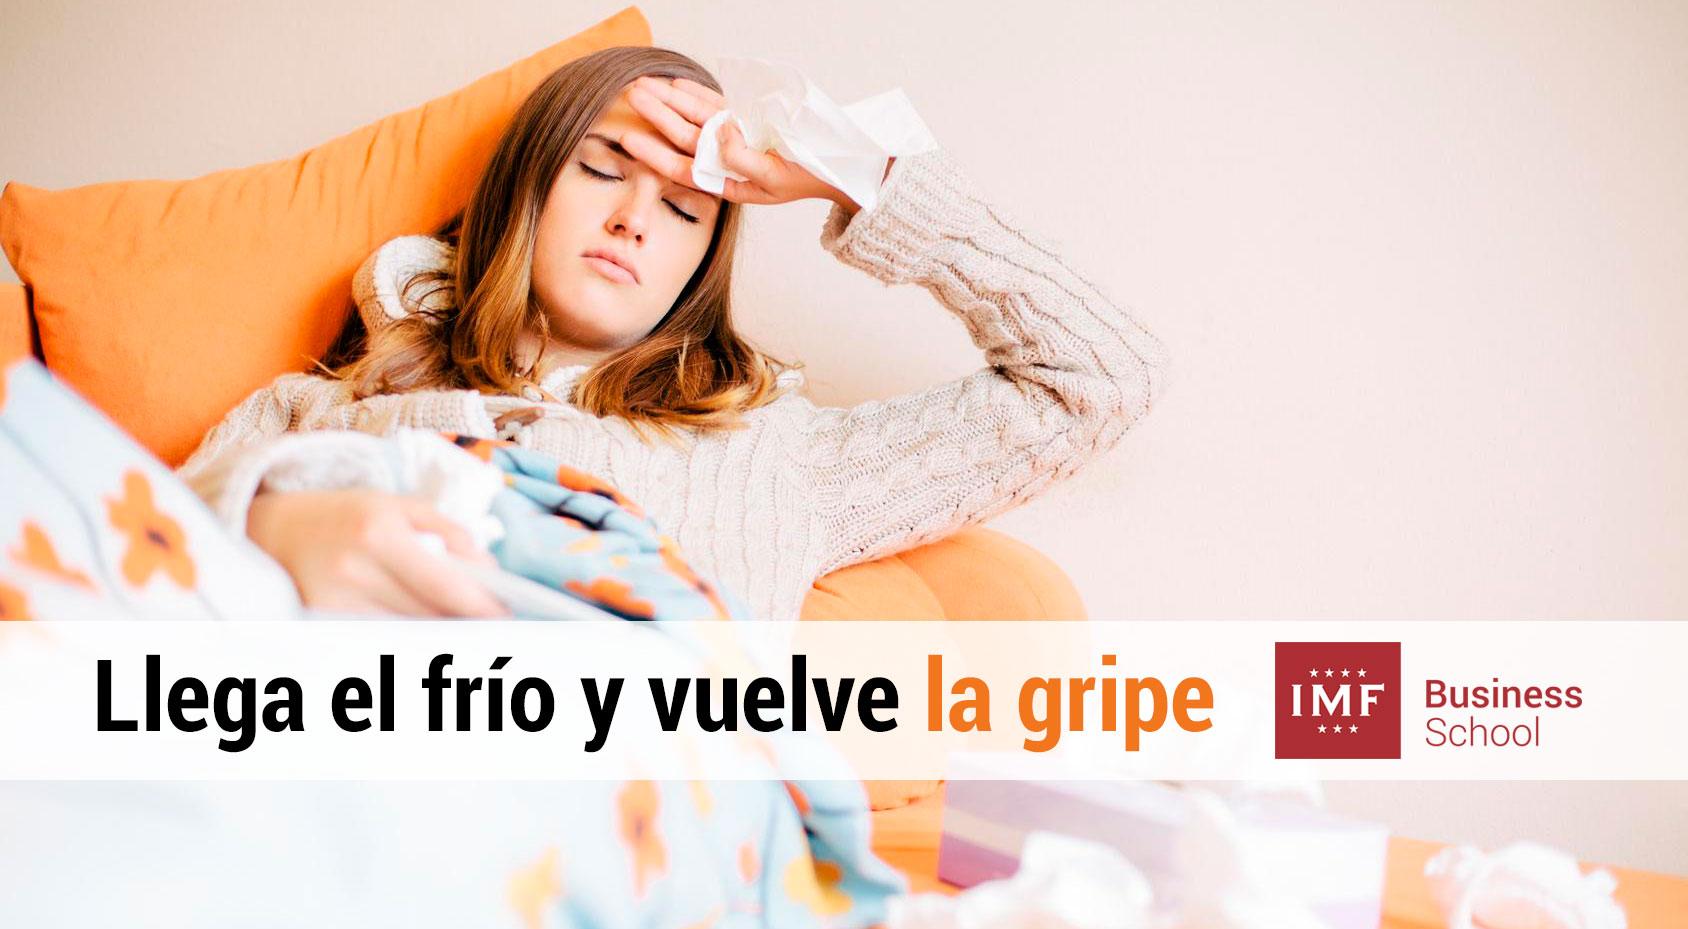 vuelve-la-gripe La gripe, sus síntomas y cómo evitar su contagio